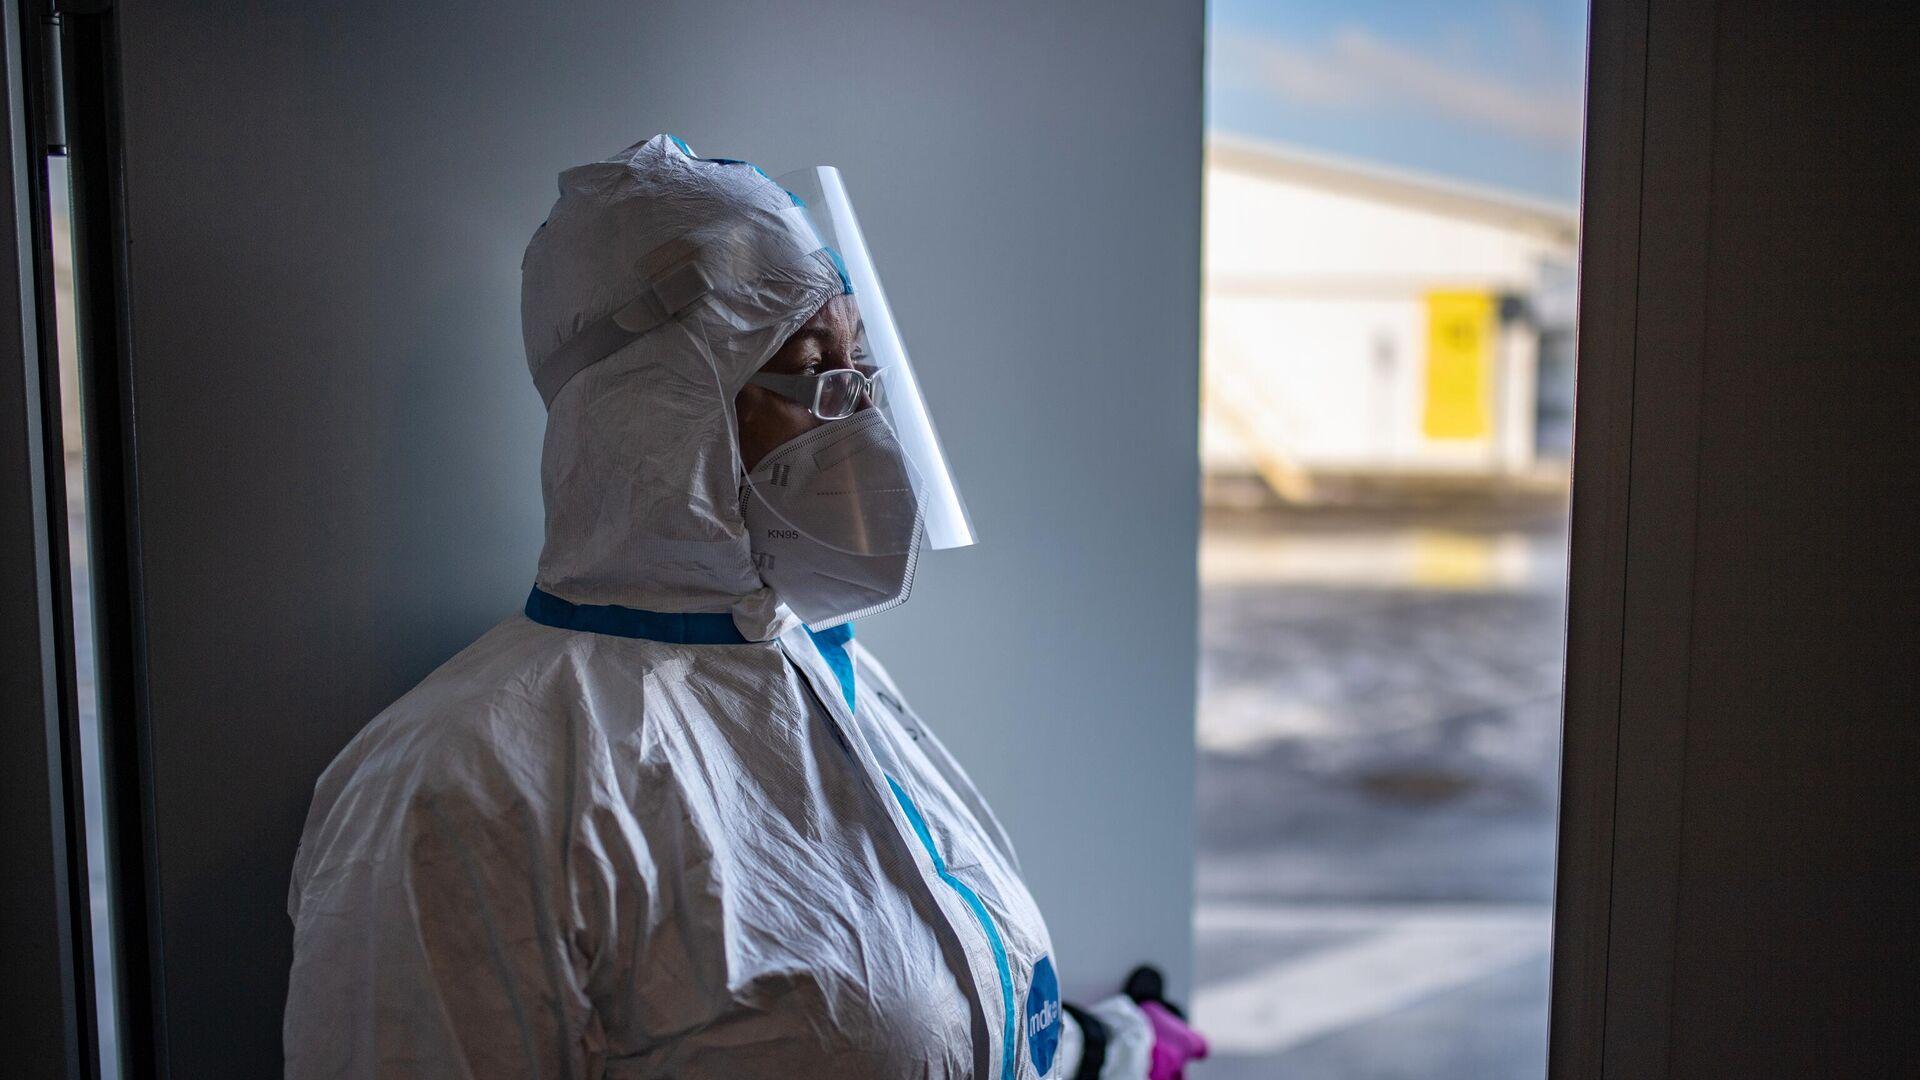 Медицинский работник в приемном отделении госпиталя для больных COVID-19 в Московском клиническом центре инфекционных болезней Вороновское - РИА Новости, 1920, 02.03.2021